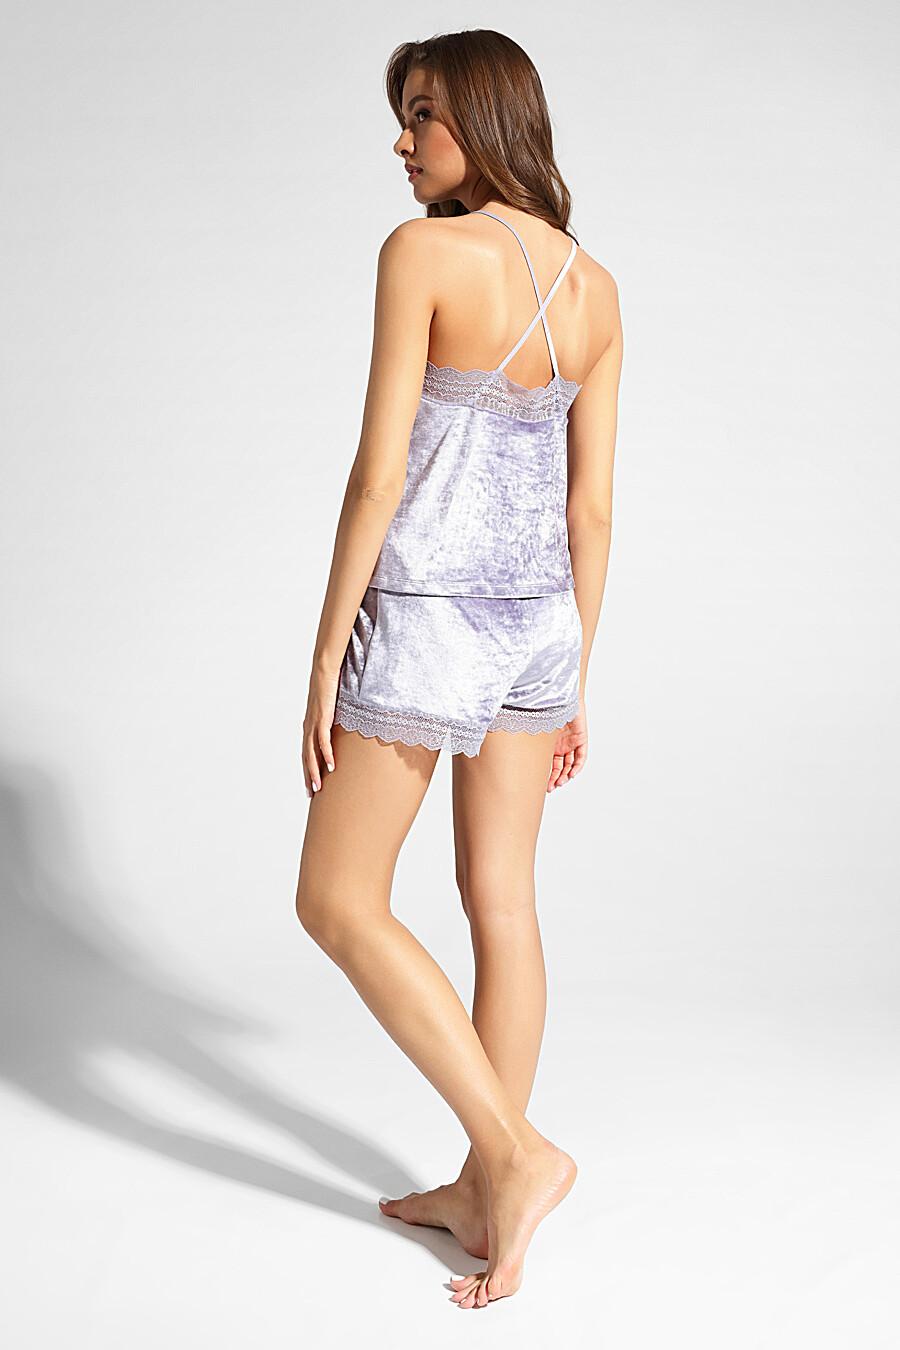 Топ для женщин CONTE ELEGANT 148711 купить оптом от производителя. Совместная покупка женской одежды в OptMoyo